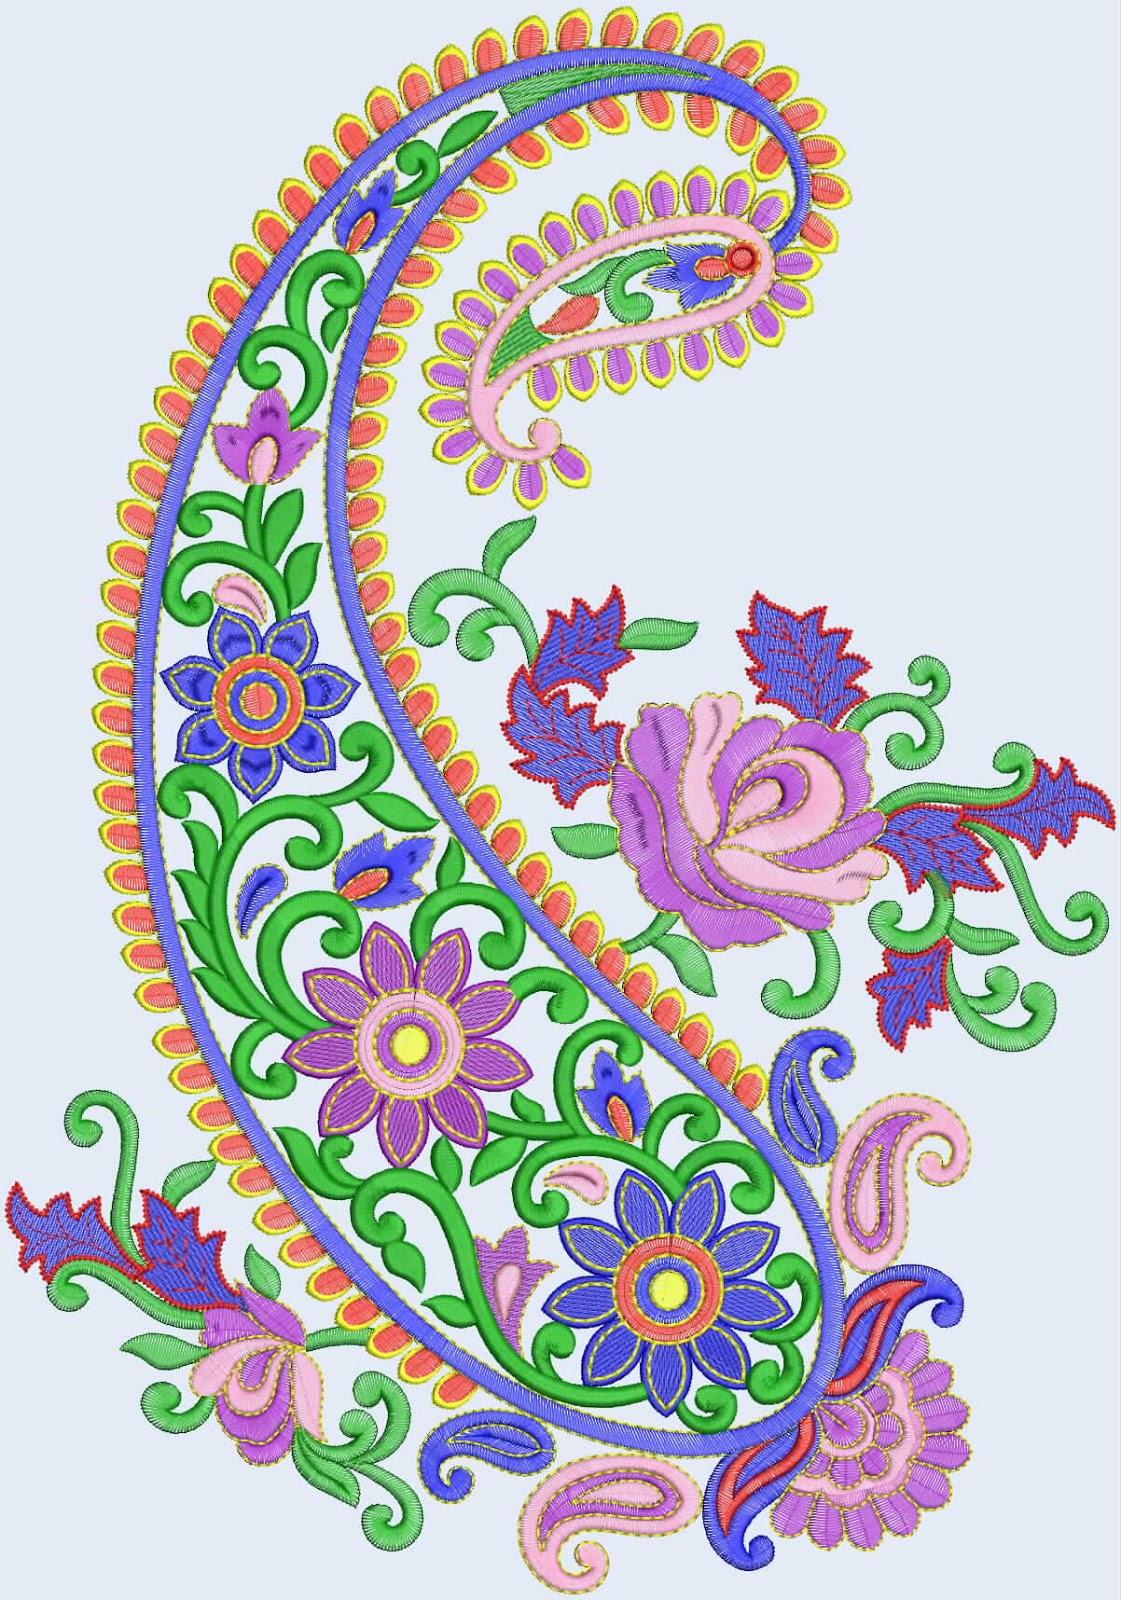 Орнаменты, узоры и схемы для вышивки Лана Митрозор Фотографии 17